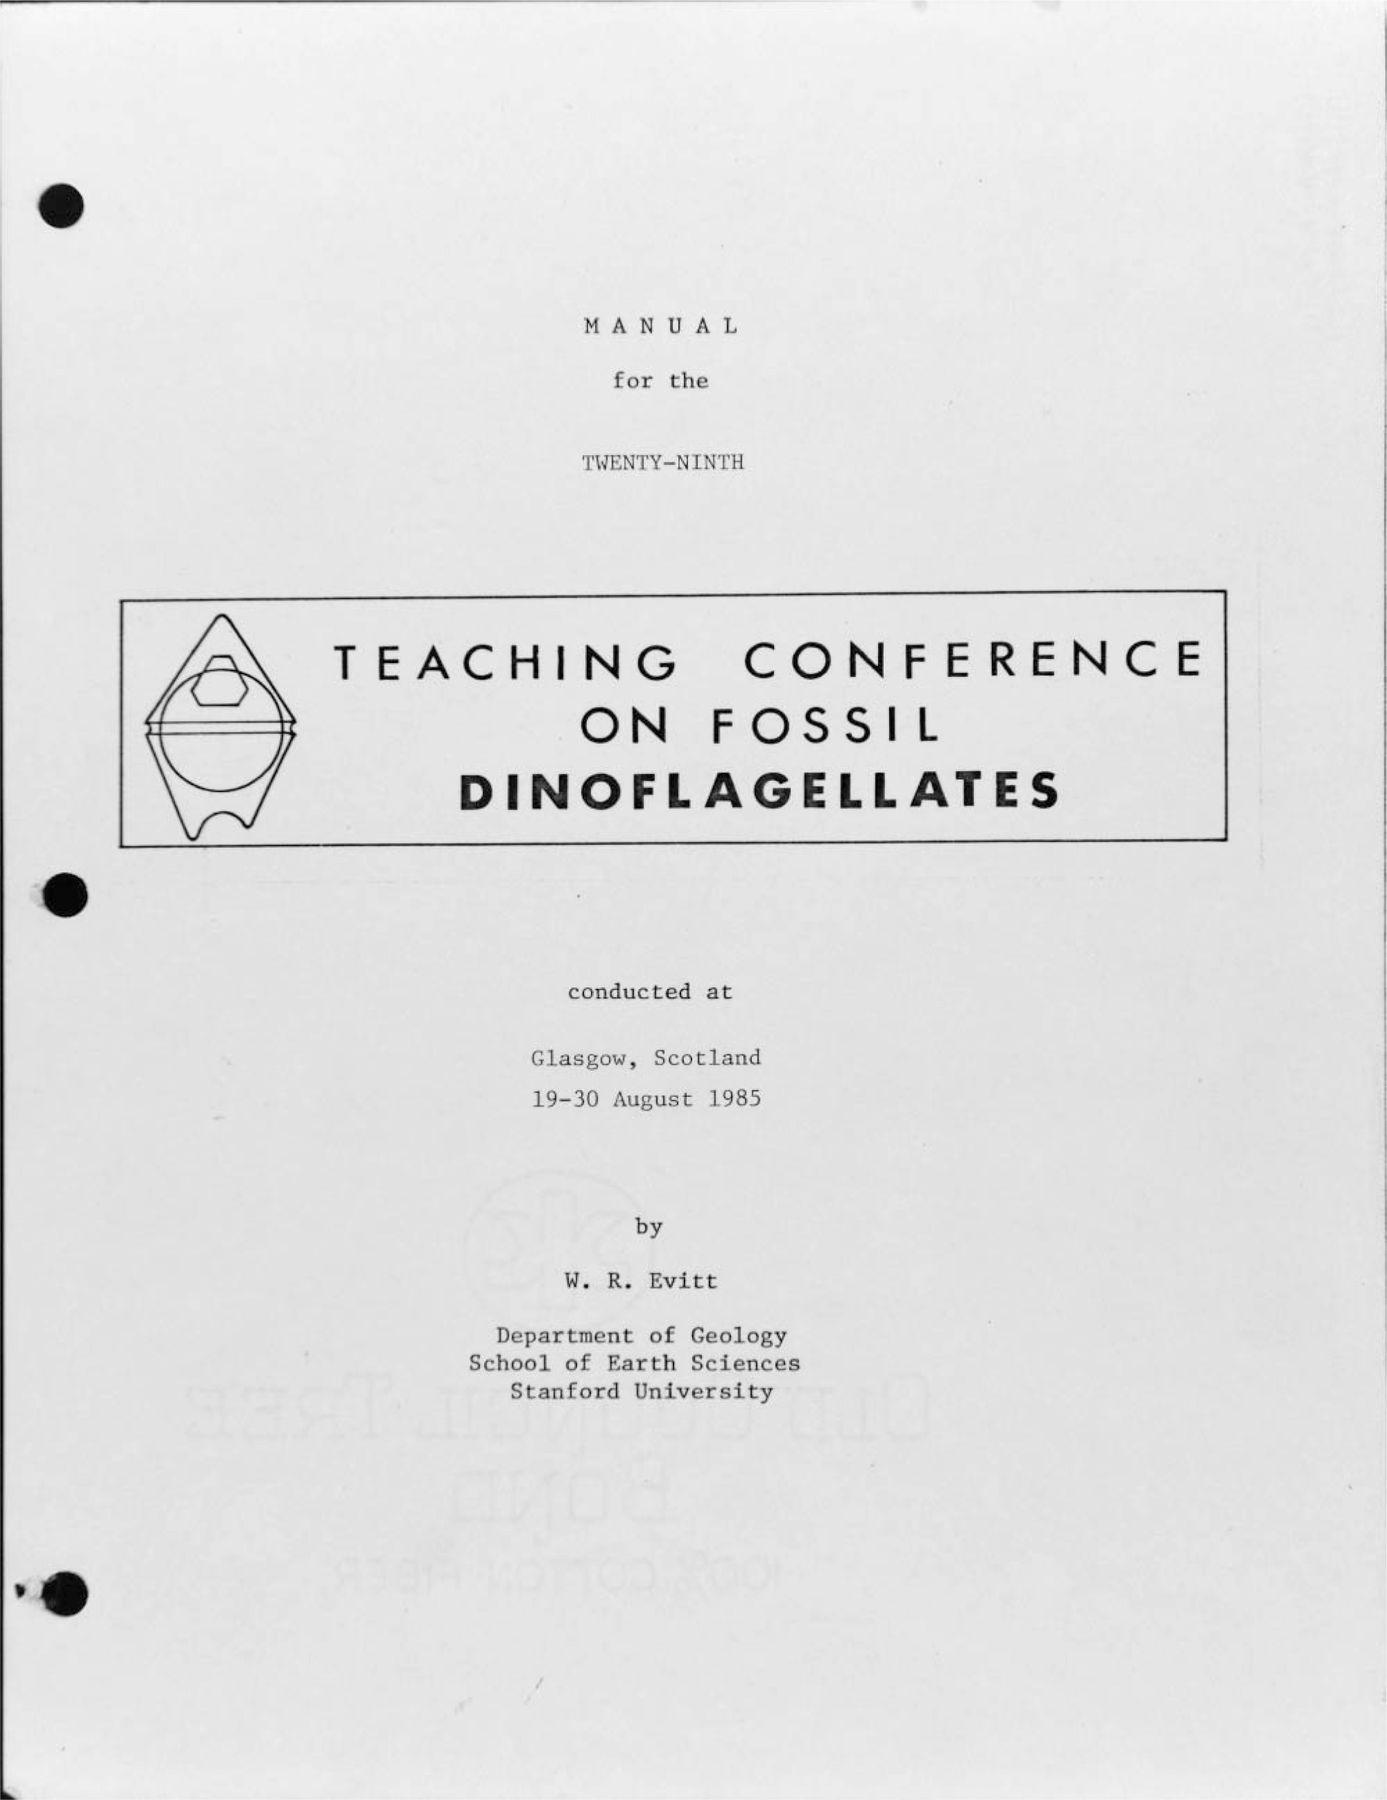 life and scientific work of William R. Evitt (1923–2009 ...